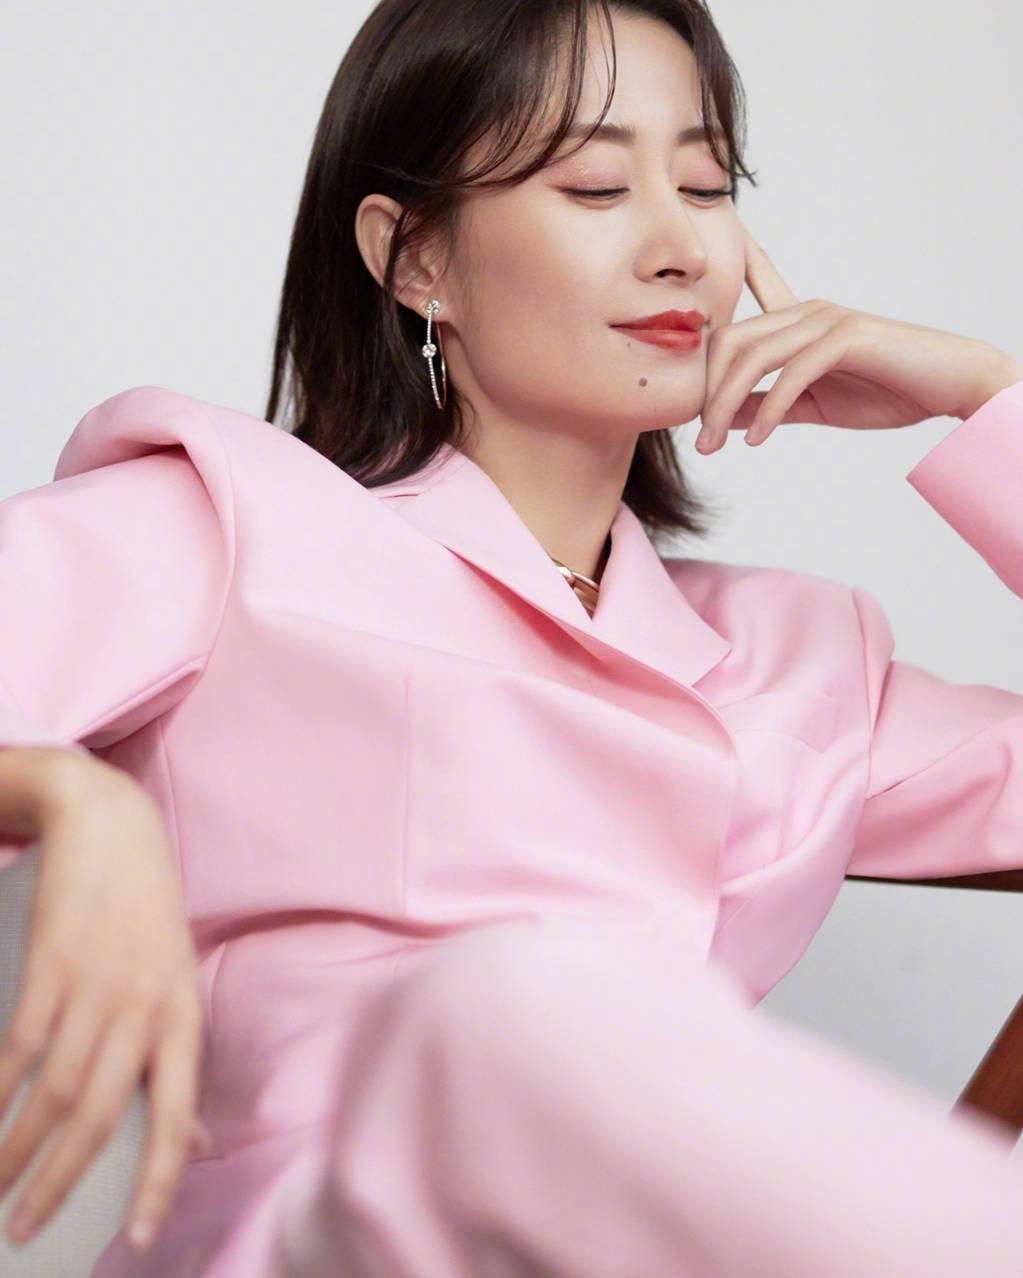 原创             45岁刘敏涛这么少女?穿粉色西装现身,尽显甜美和可爱